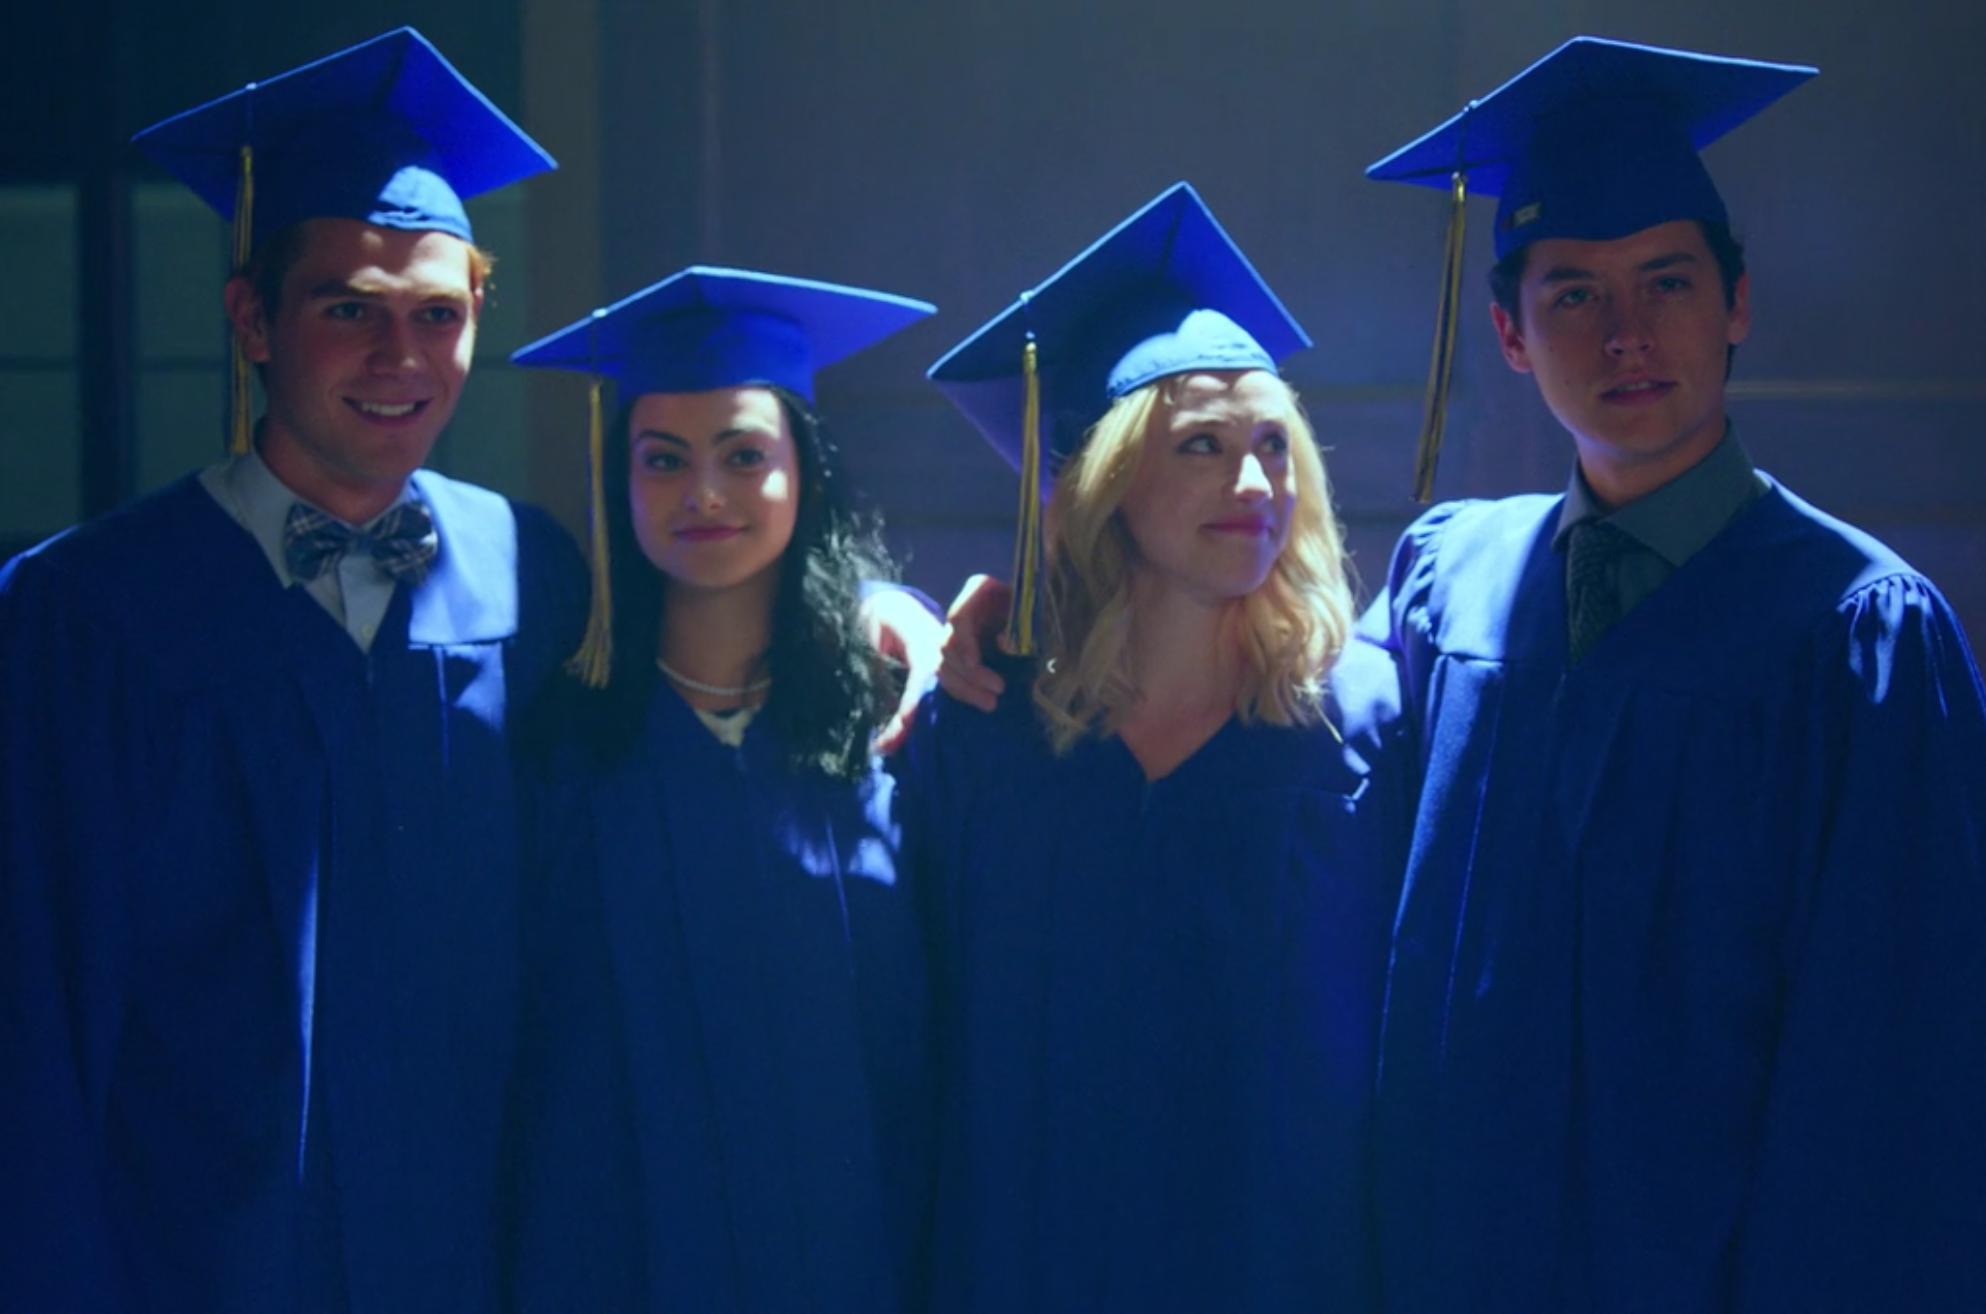 Riverdale Graduation